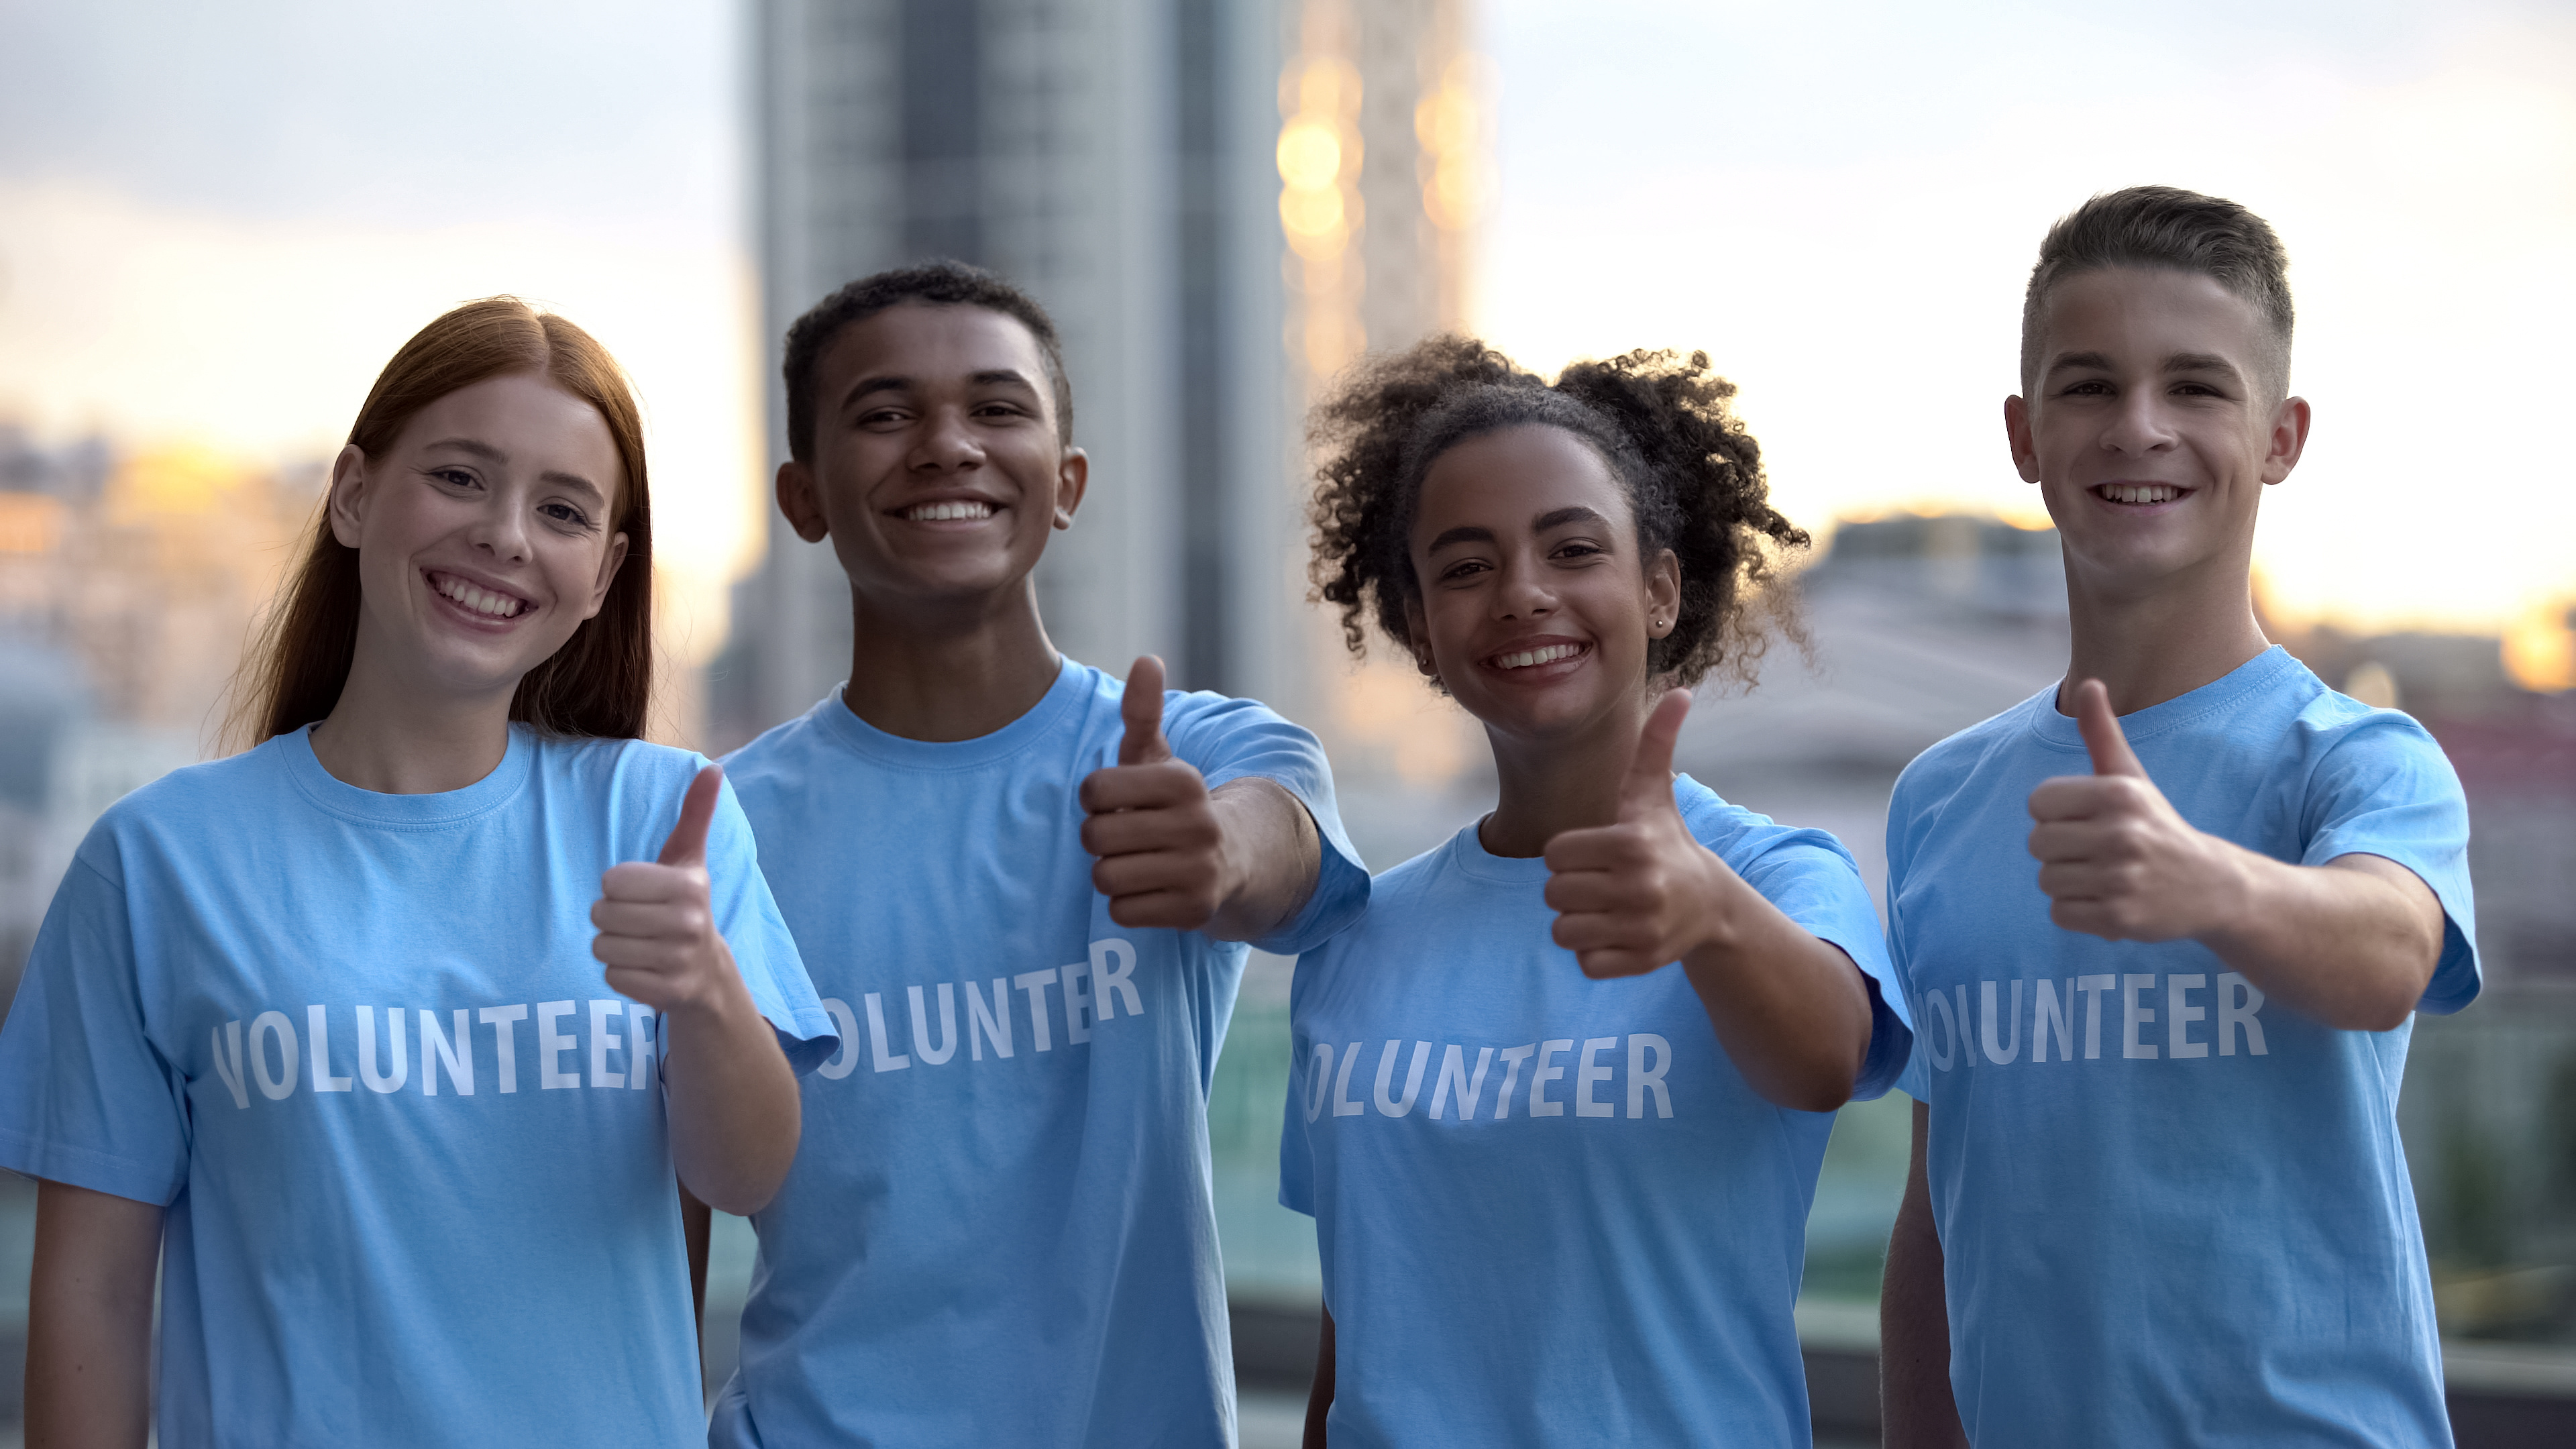 youth environmental volunteers